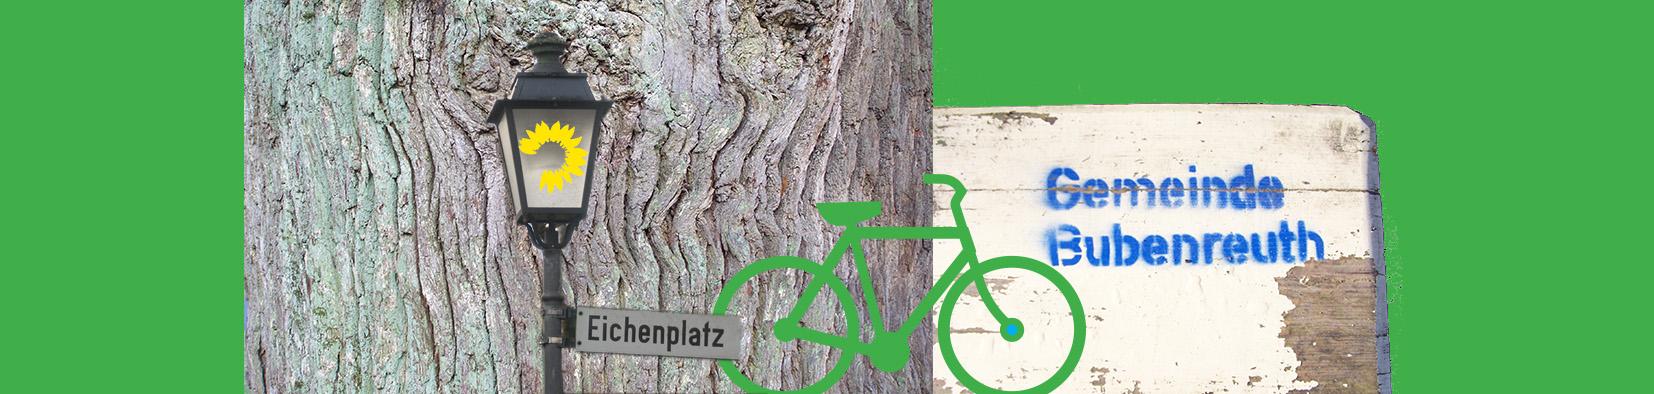 Die Grünen in Bubenreuth